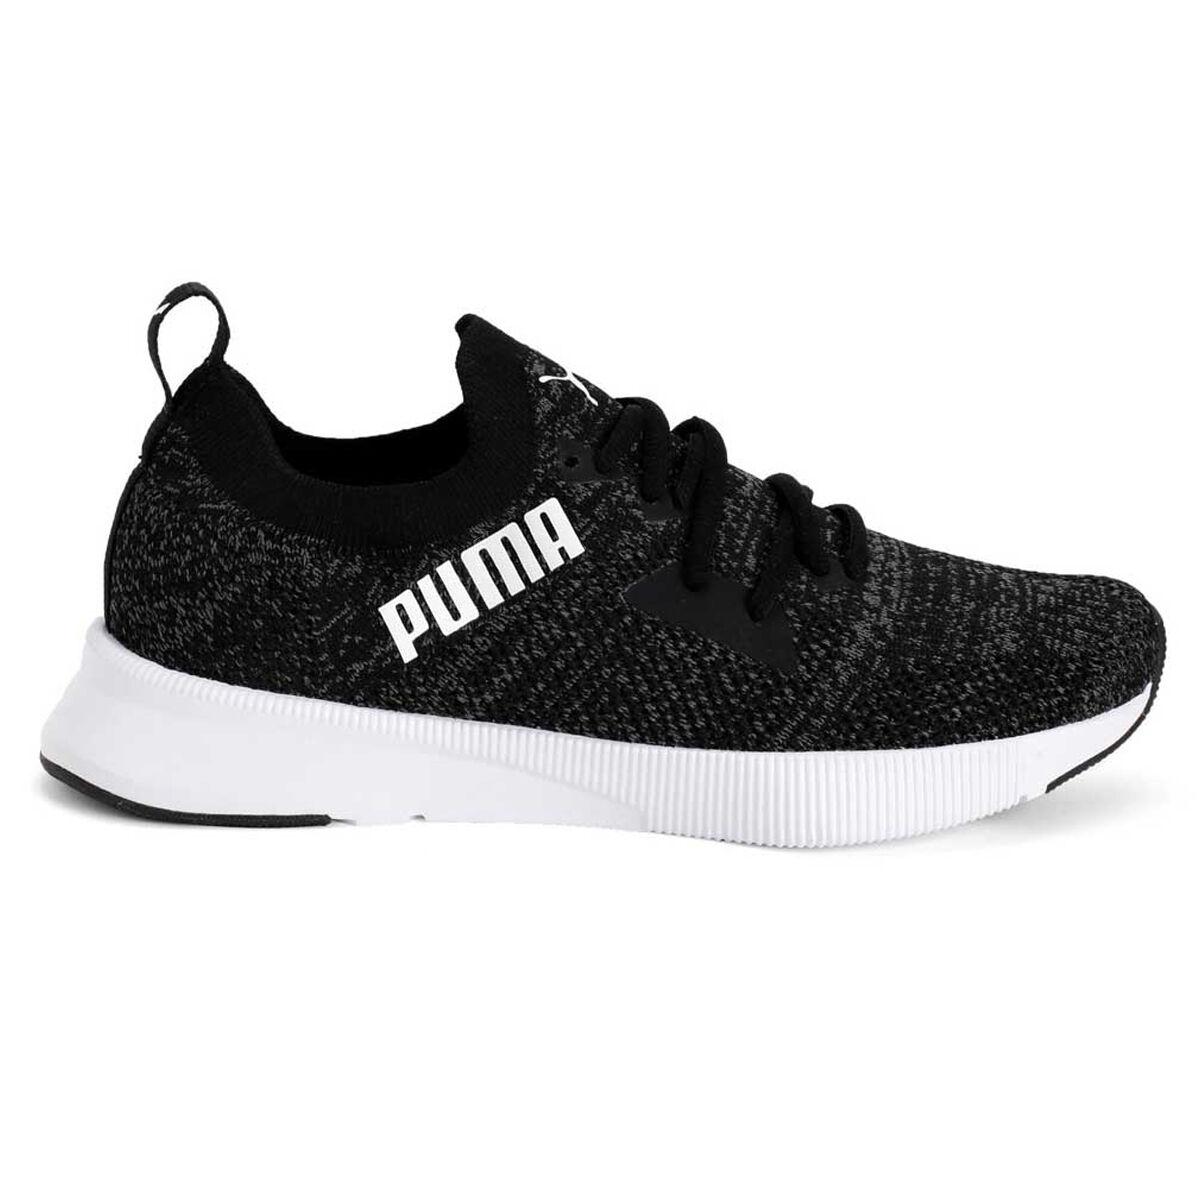 Puma Flyer Runner Womens Running Shoes